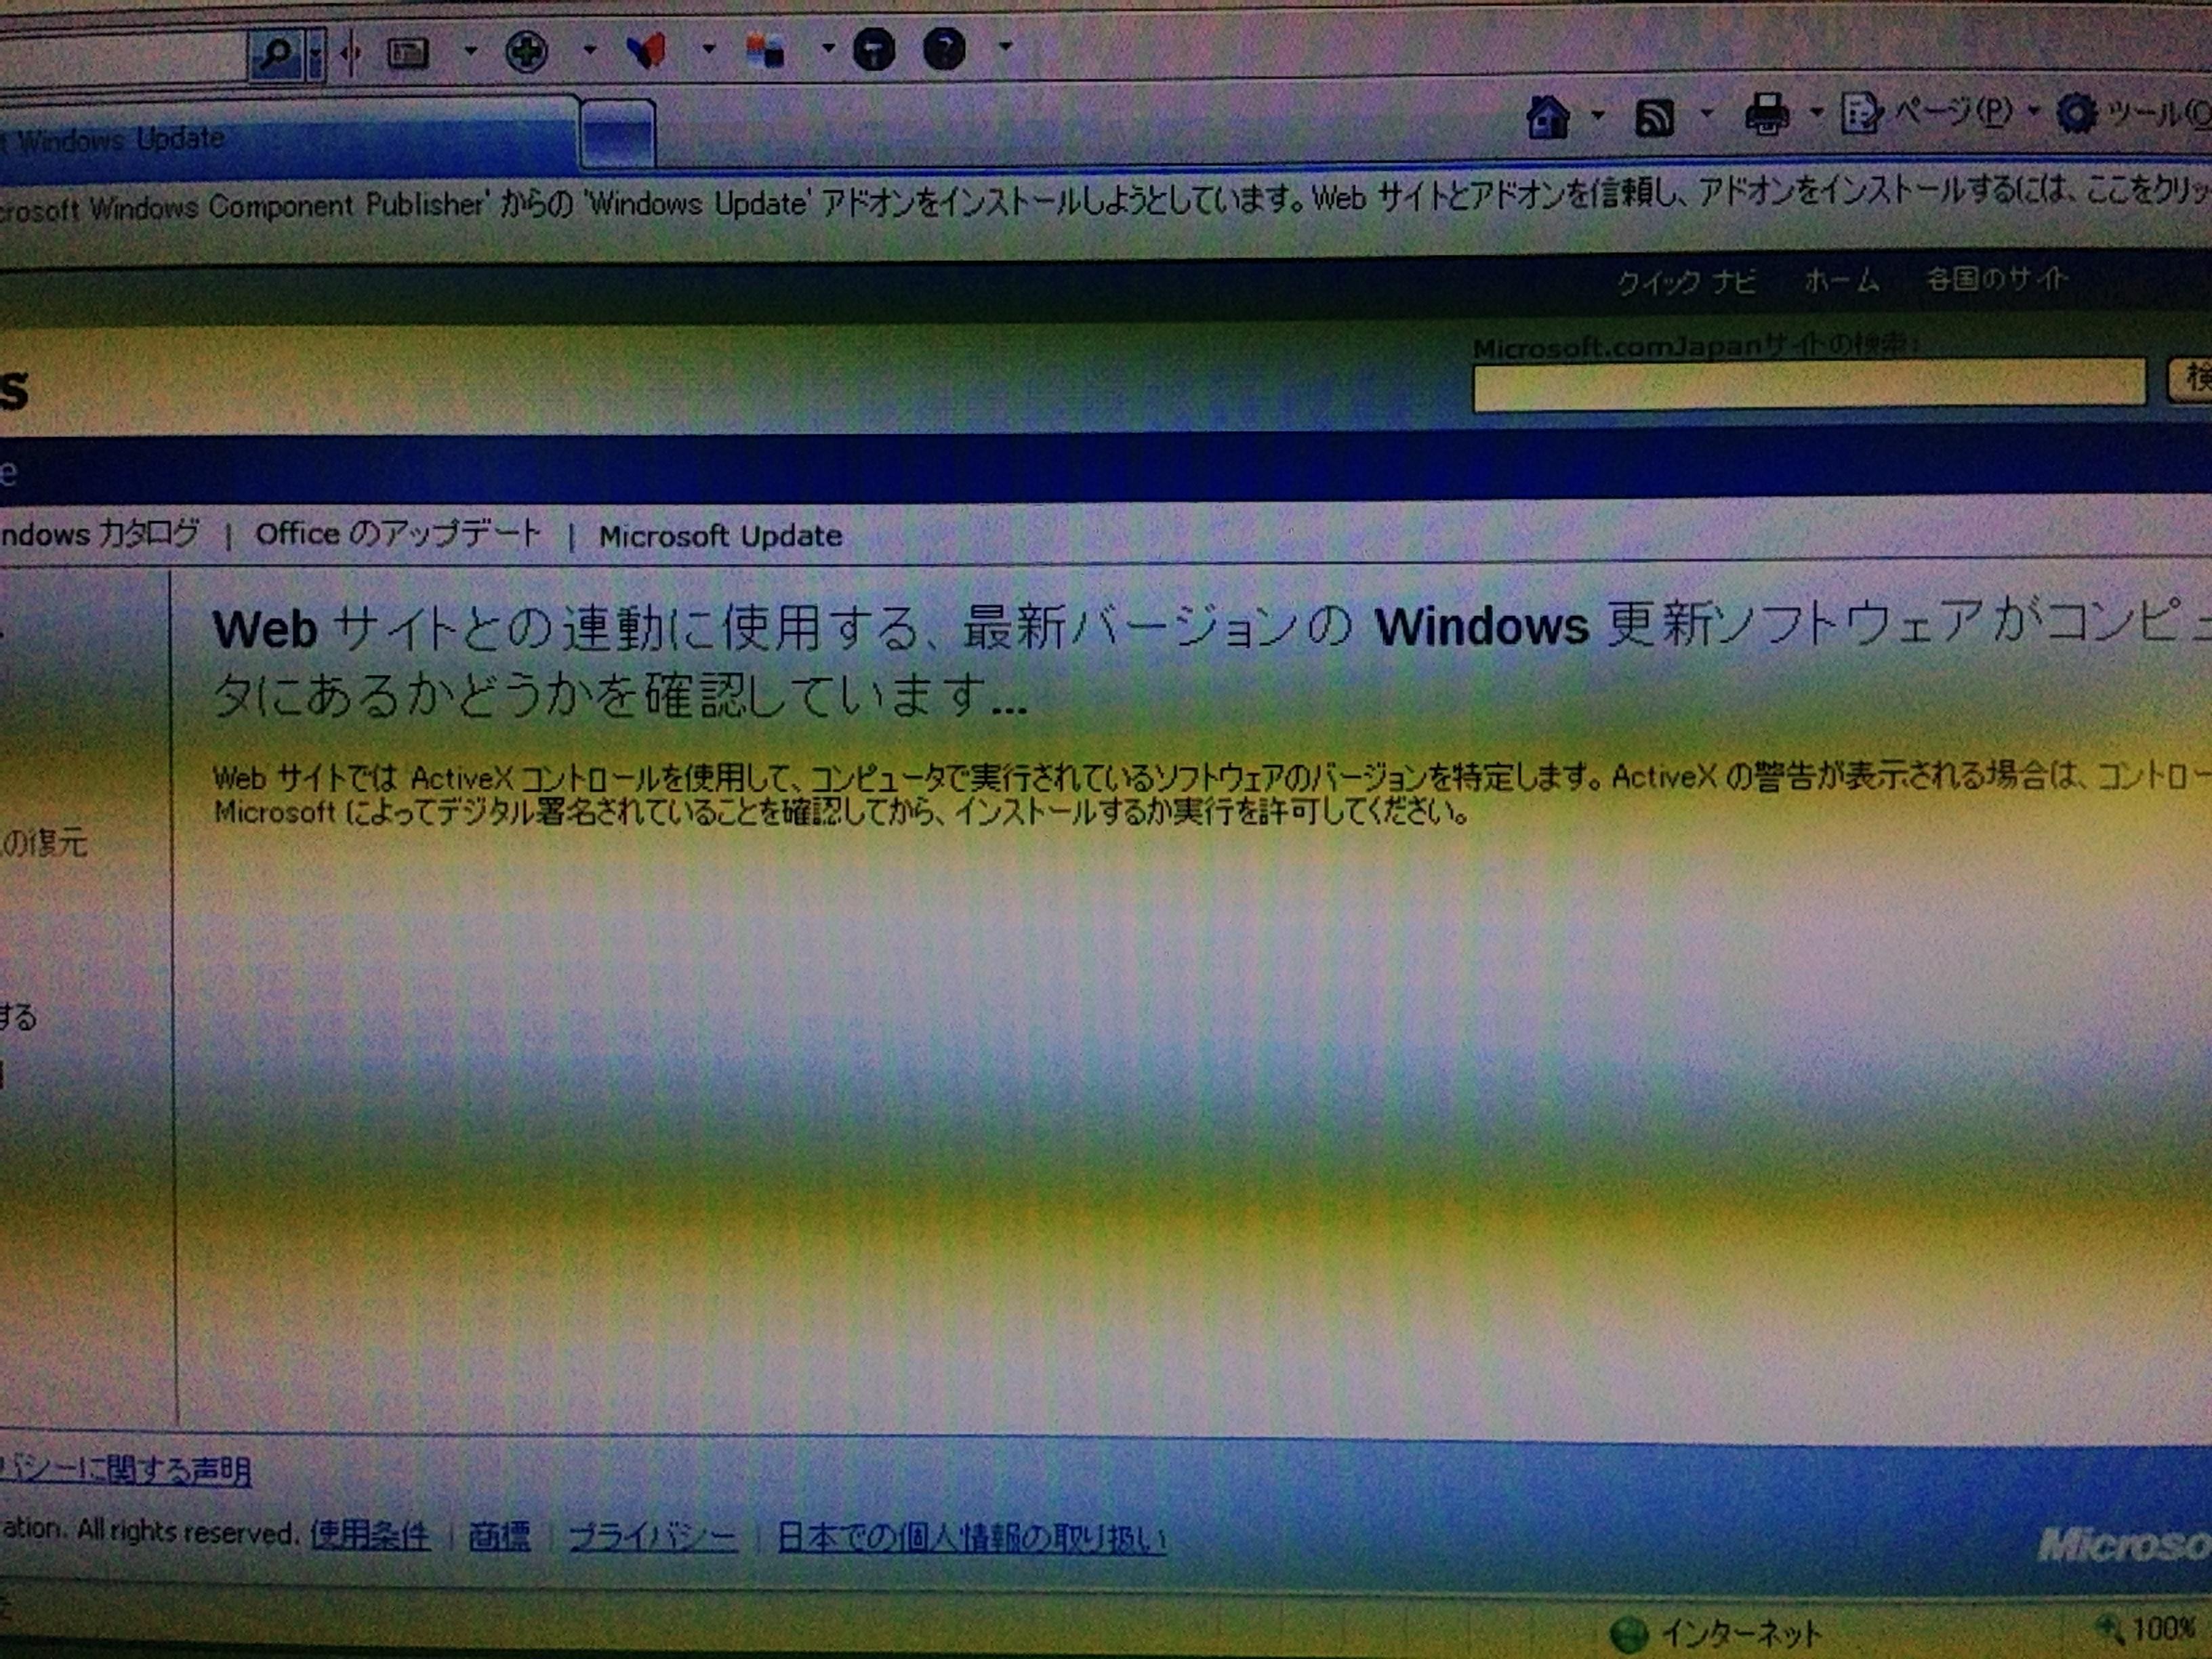 WindowsUpdateしてみましたが、ここから進まず。